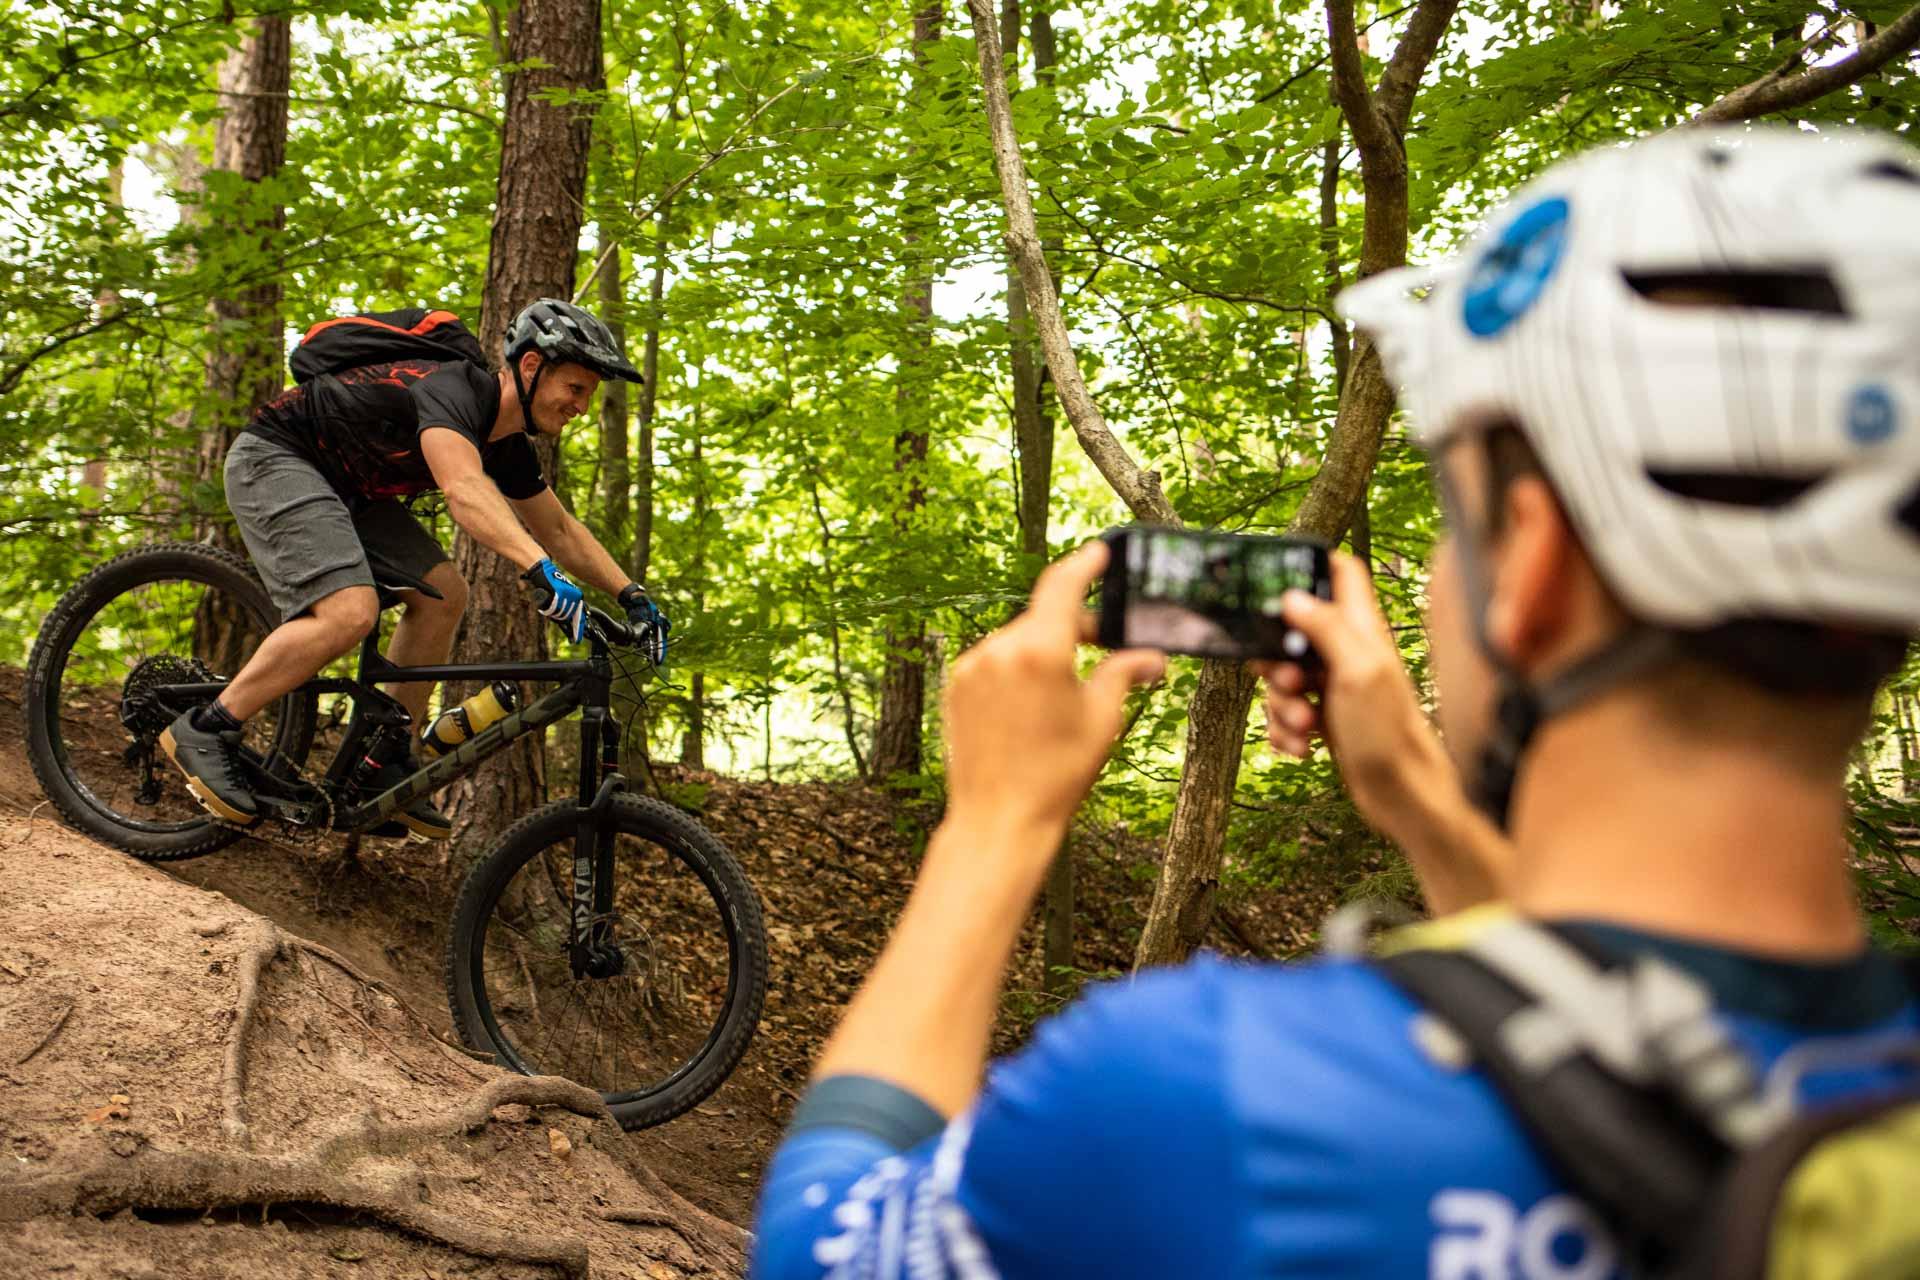 MTB Fahrtechnik Kurs für Einsteiger in Saarbrücken - Mountainbike Basic - Rock my Trail Bikeschule - 8